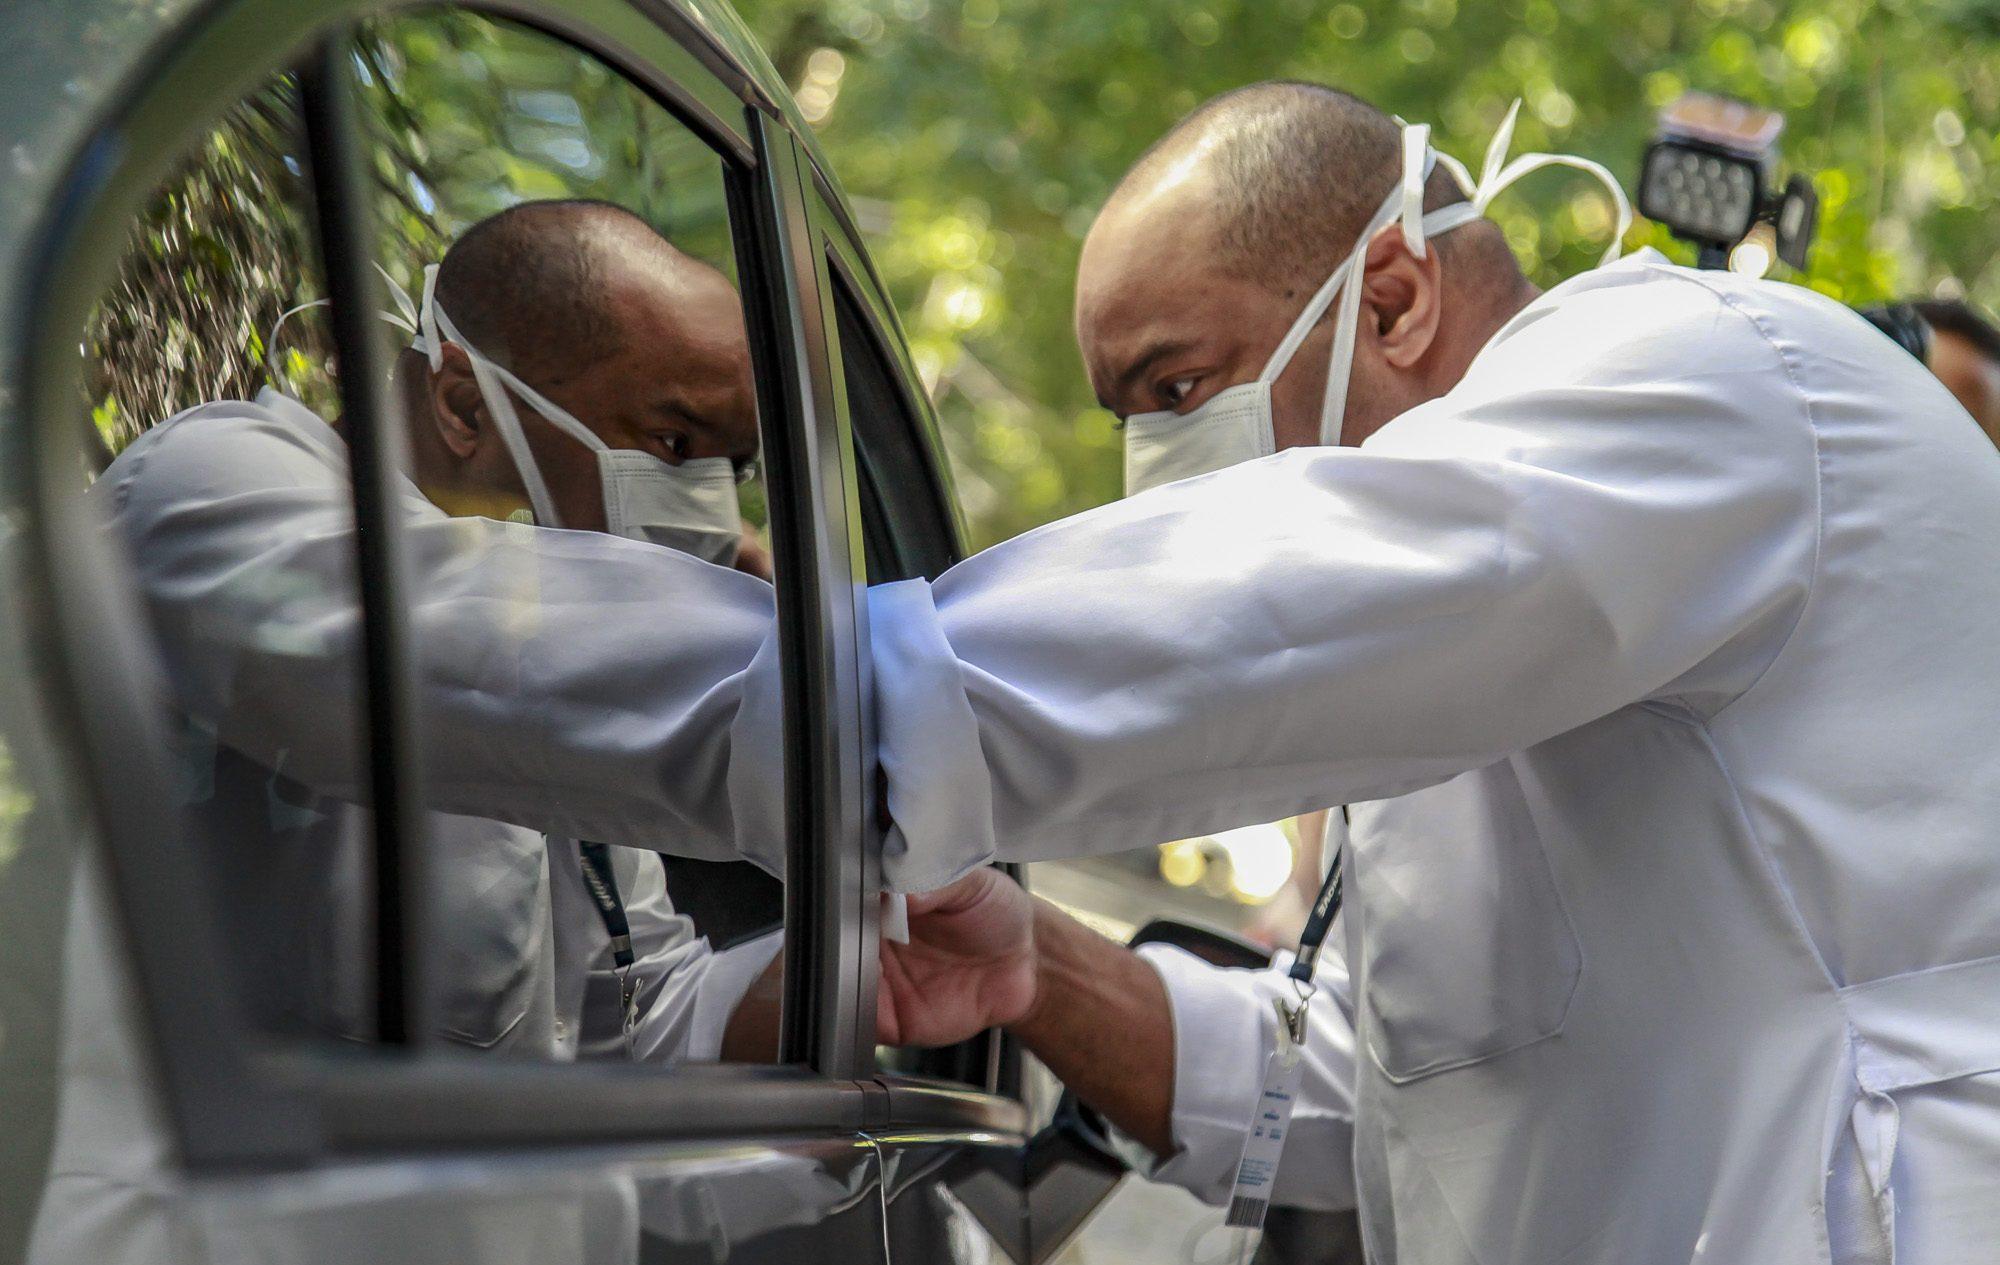 População poderá ser vacinada sem ter que sair de seus veículos (Crédito: Marcelo Pereira/SECOM)